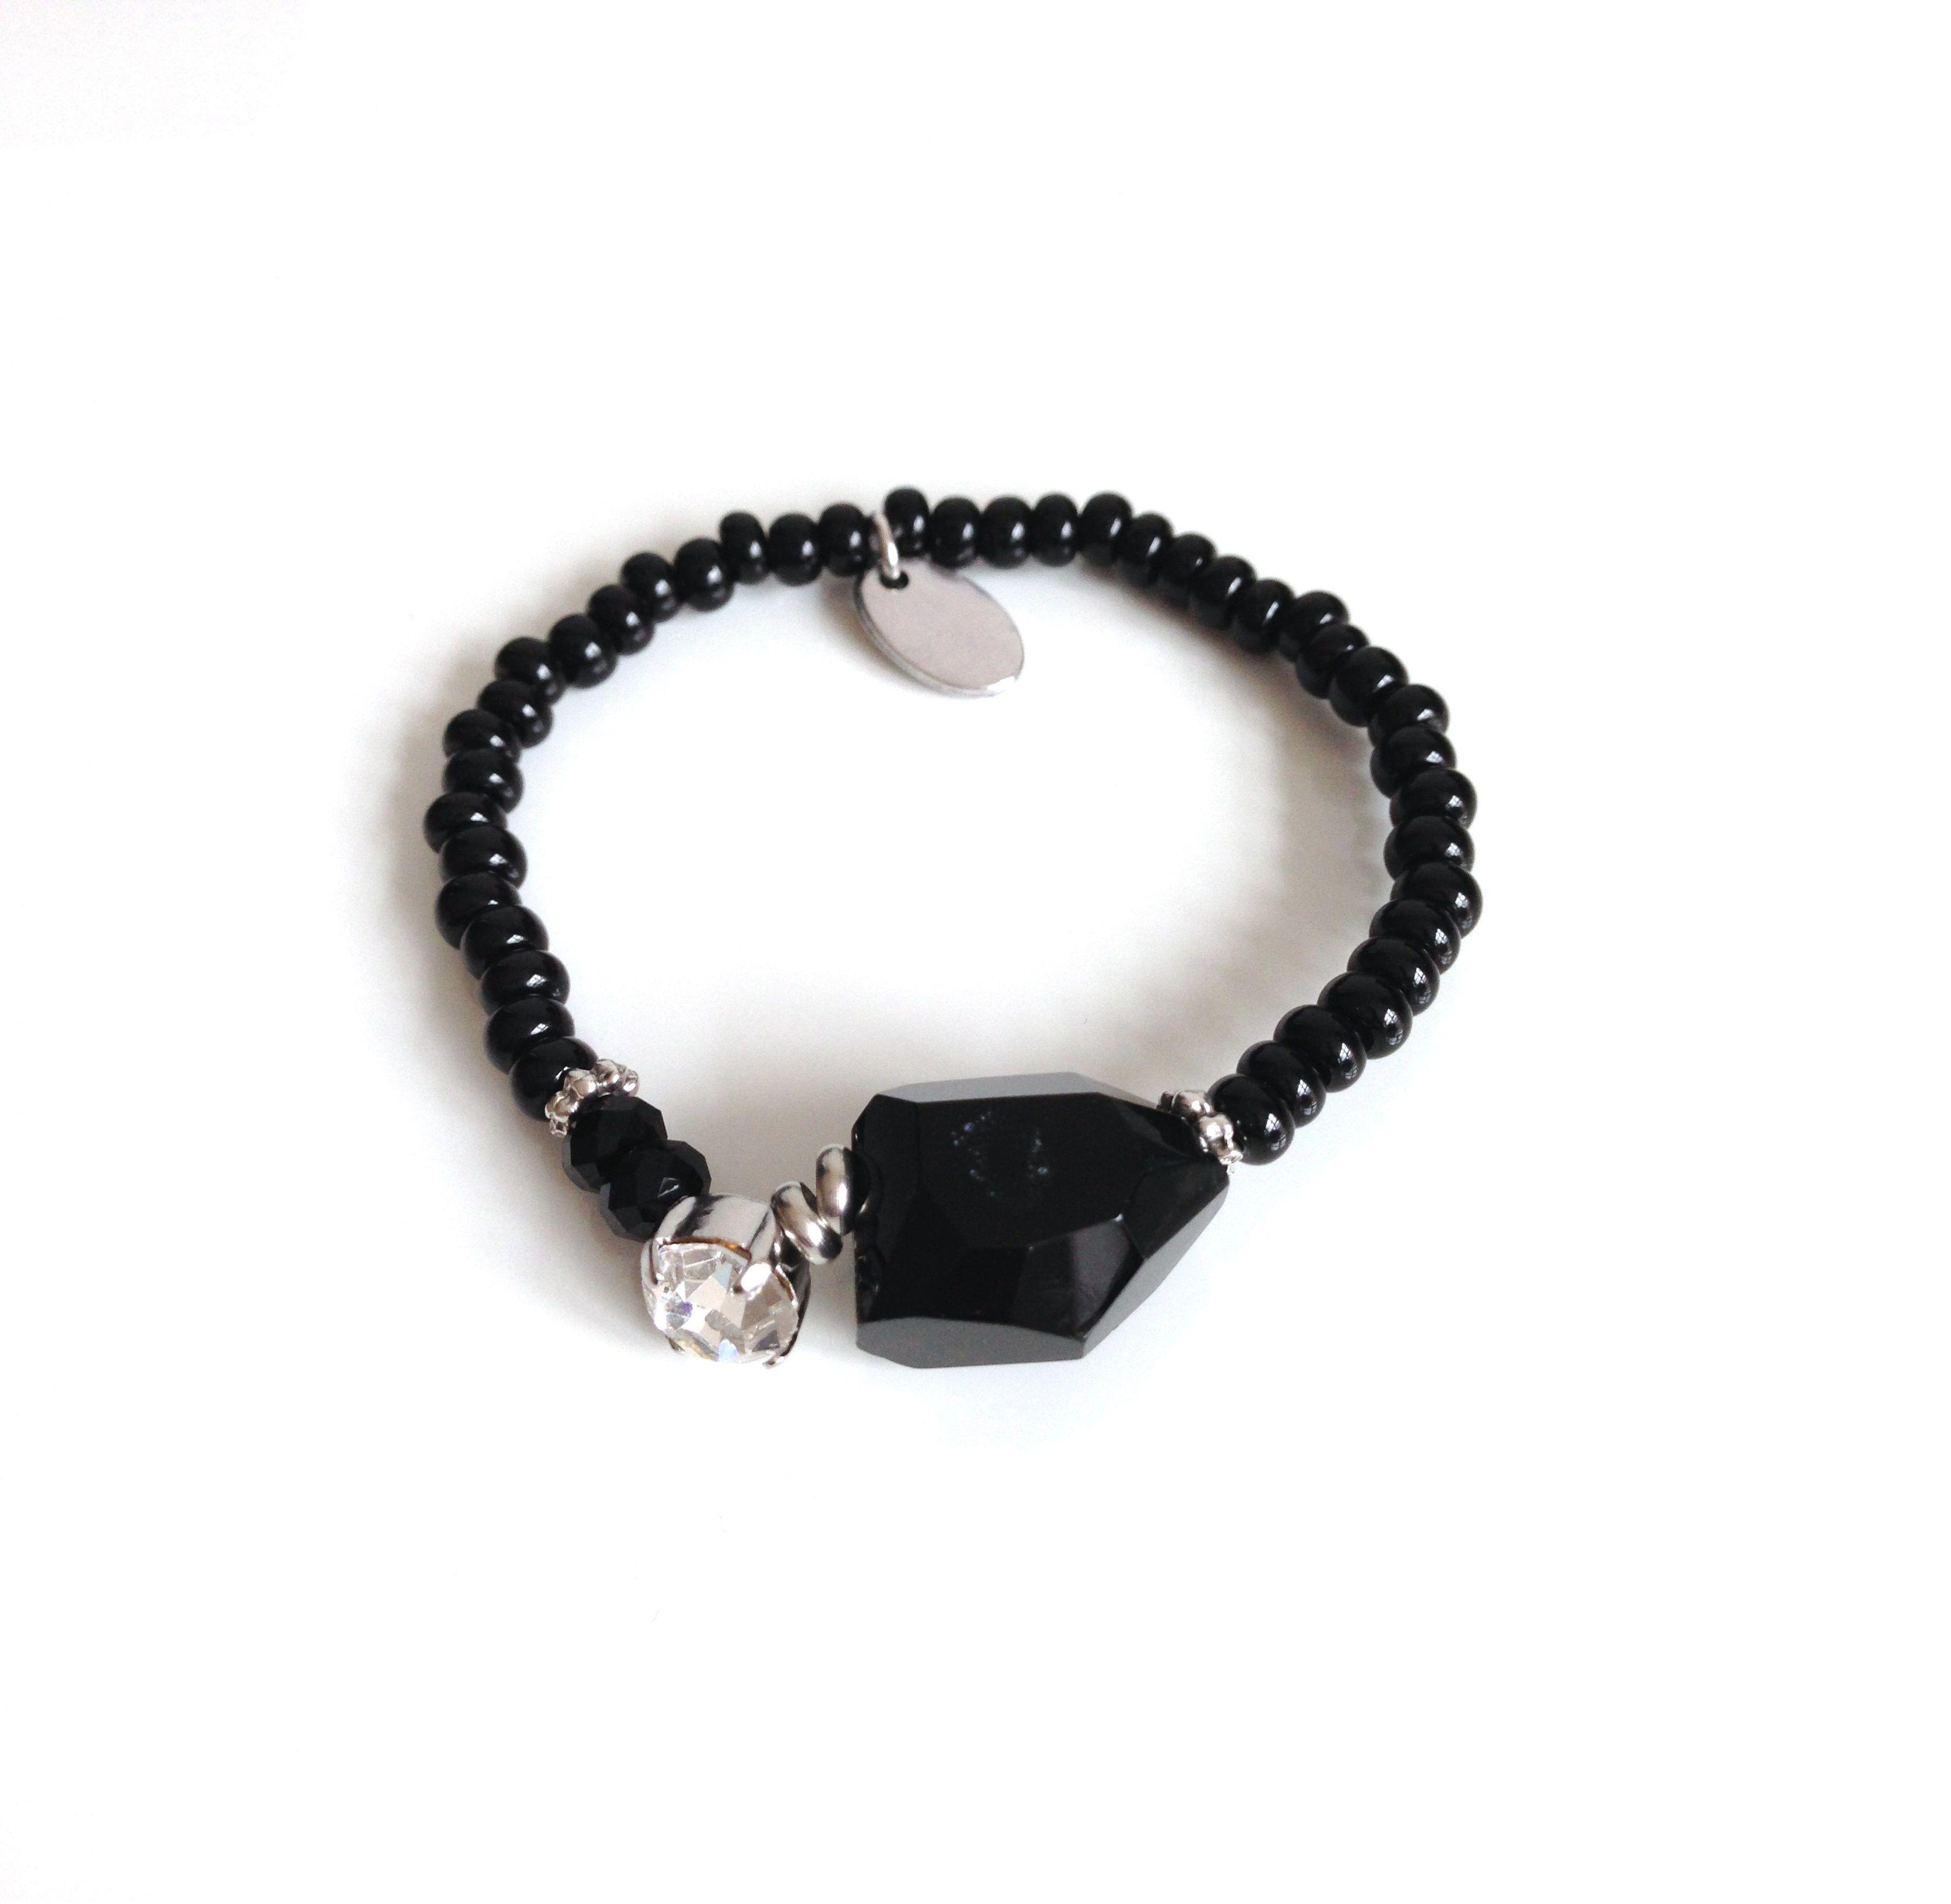 Elastische armband van zwarte rocailles(kleine kraaltjes die niet helemaal rond zijn),voorzien van een zwarte steen, een Swarovski steen, Bazou label enzilverkleurige accenten.Zie afbeelding.